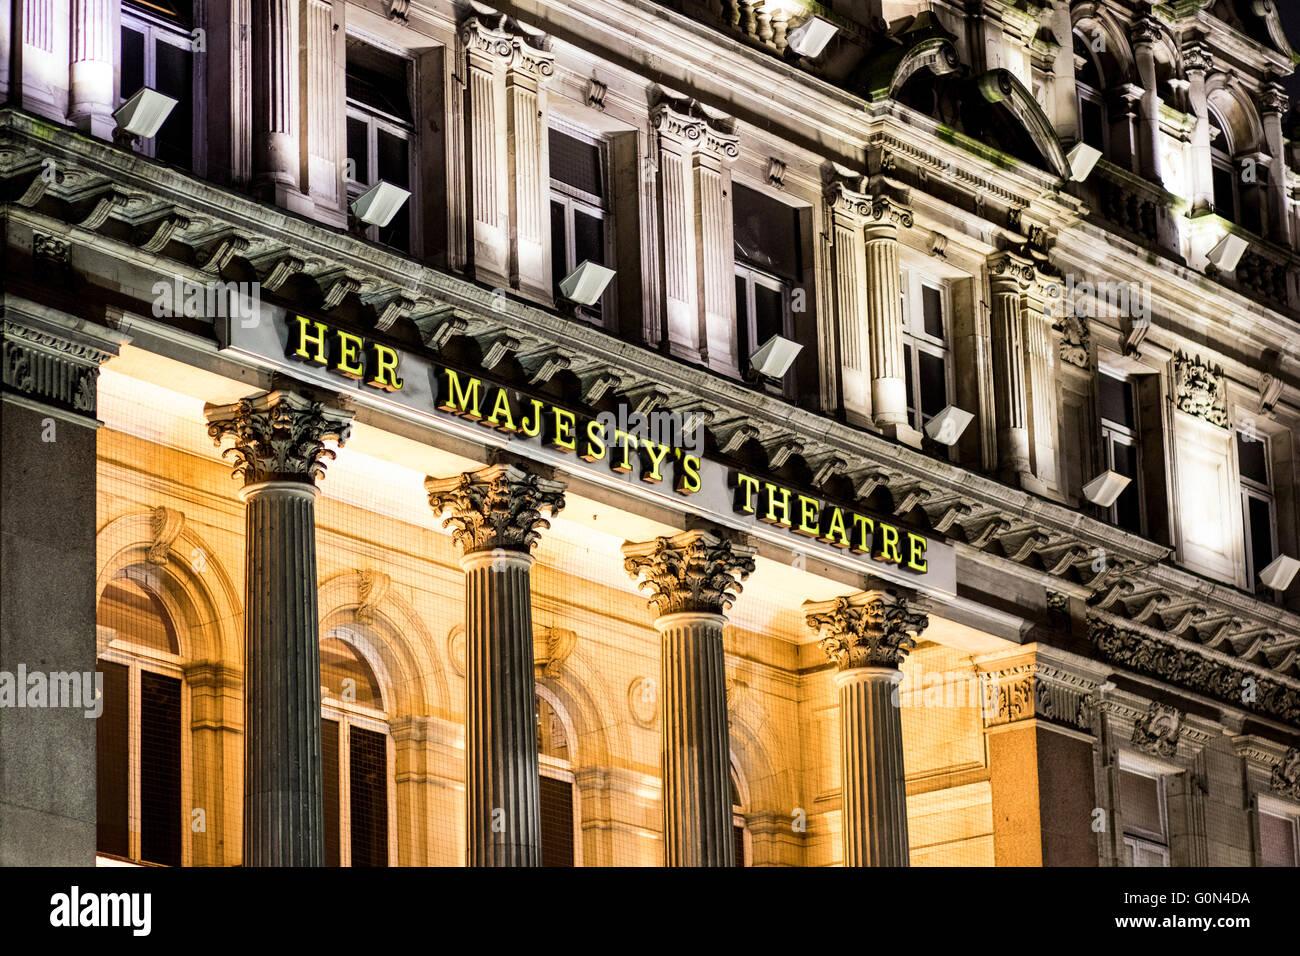 Her Majesty es Theatre London externen GV Zeichen Stockbild